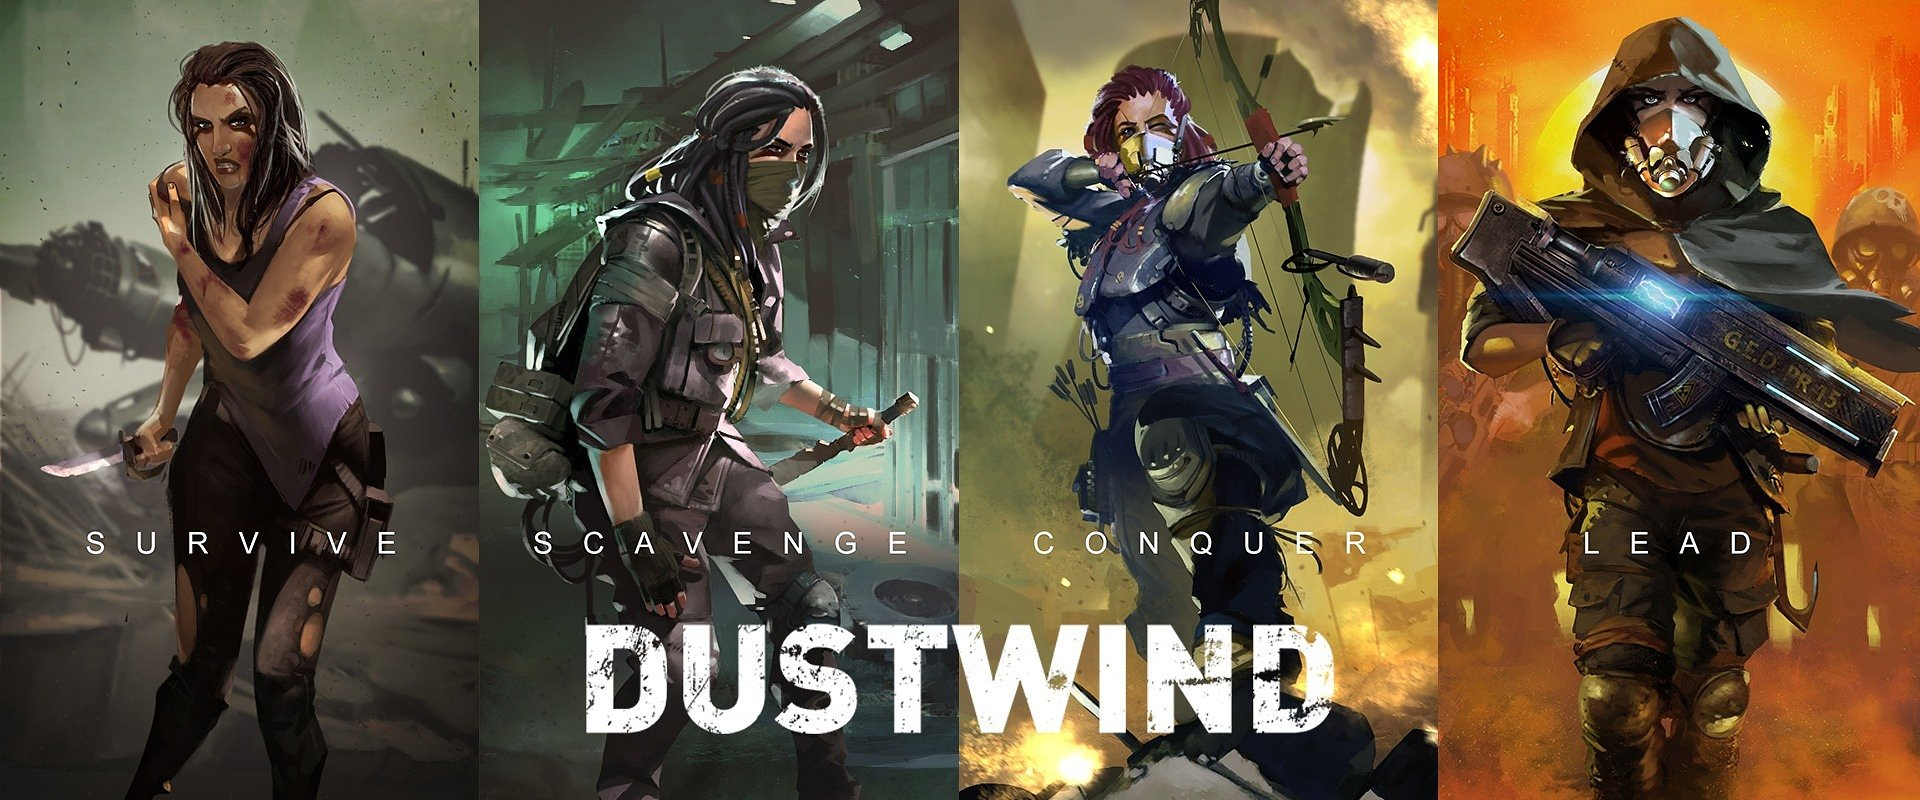 Сразитесь с опасностями Пустоши и спасите вашу дочь! Dustwind - The Last Resort вышла на консолях!